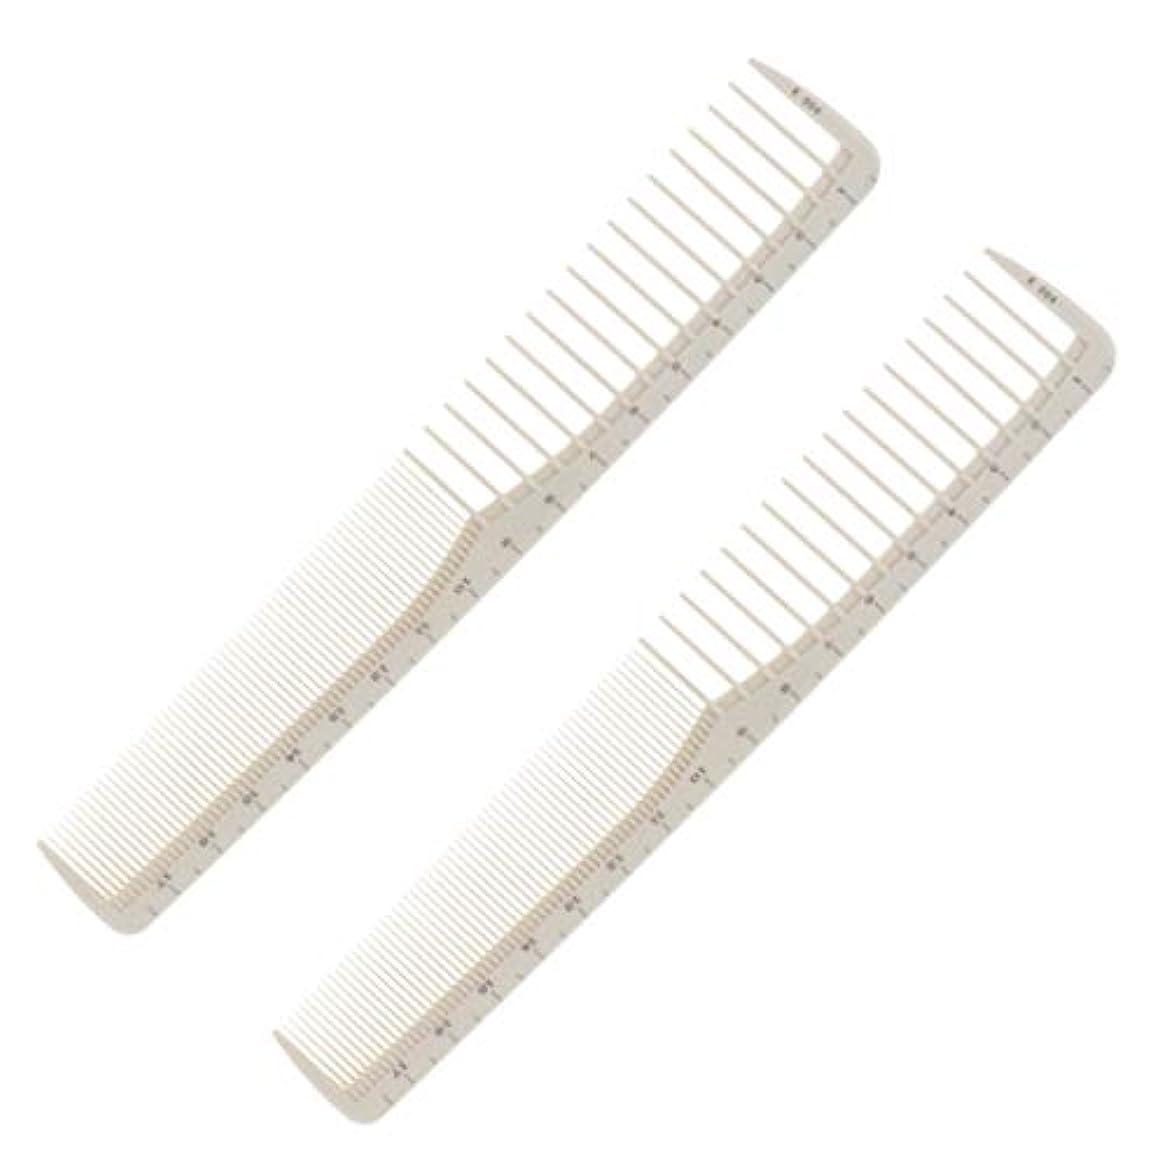 固める眠り下線樹脂 コーム 髪櫛 ヘアカットコーム 低静電気 耐熱性 軽量 サロン 家庭用 スケール付き 2本入り